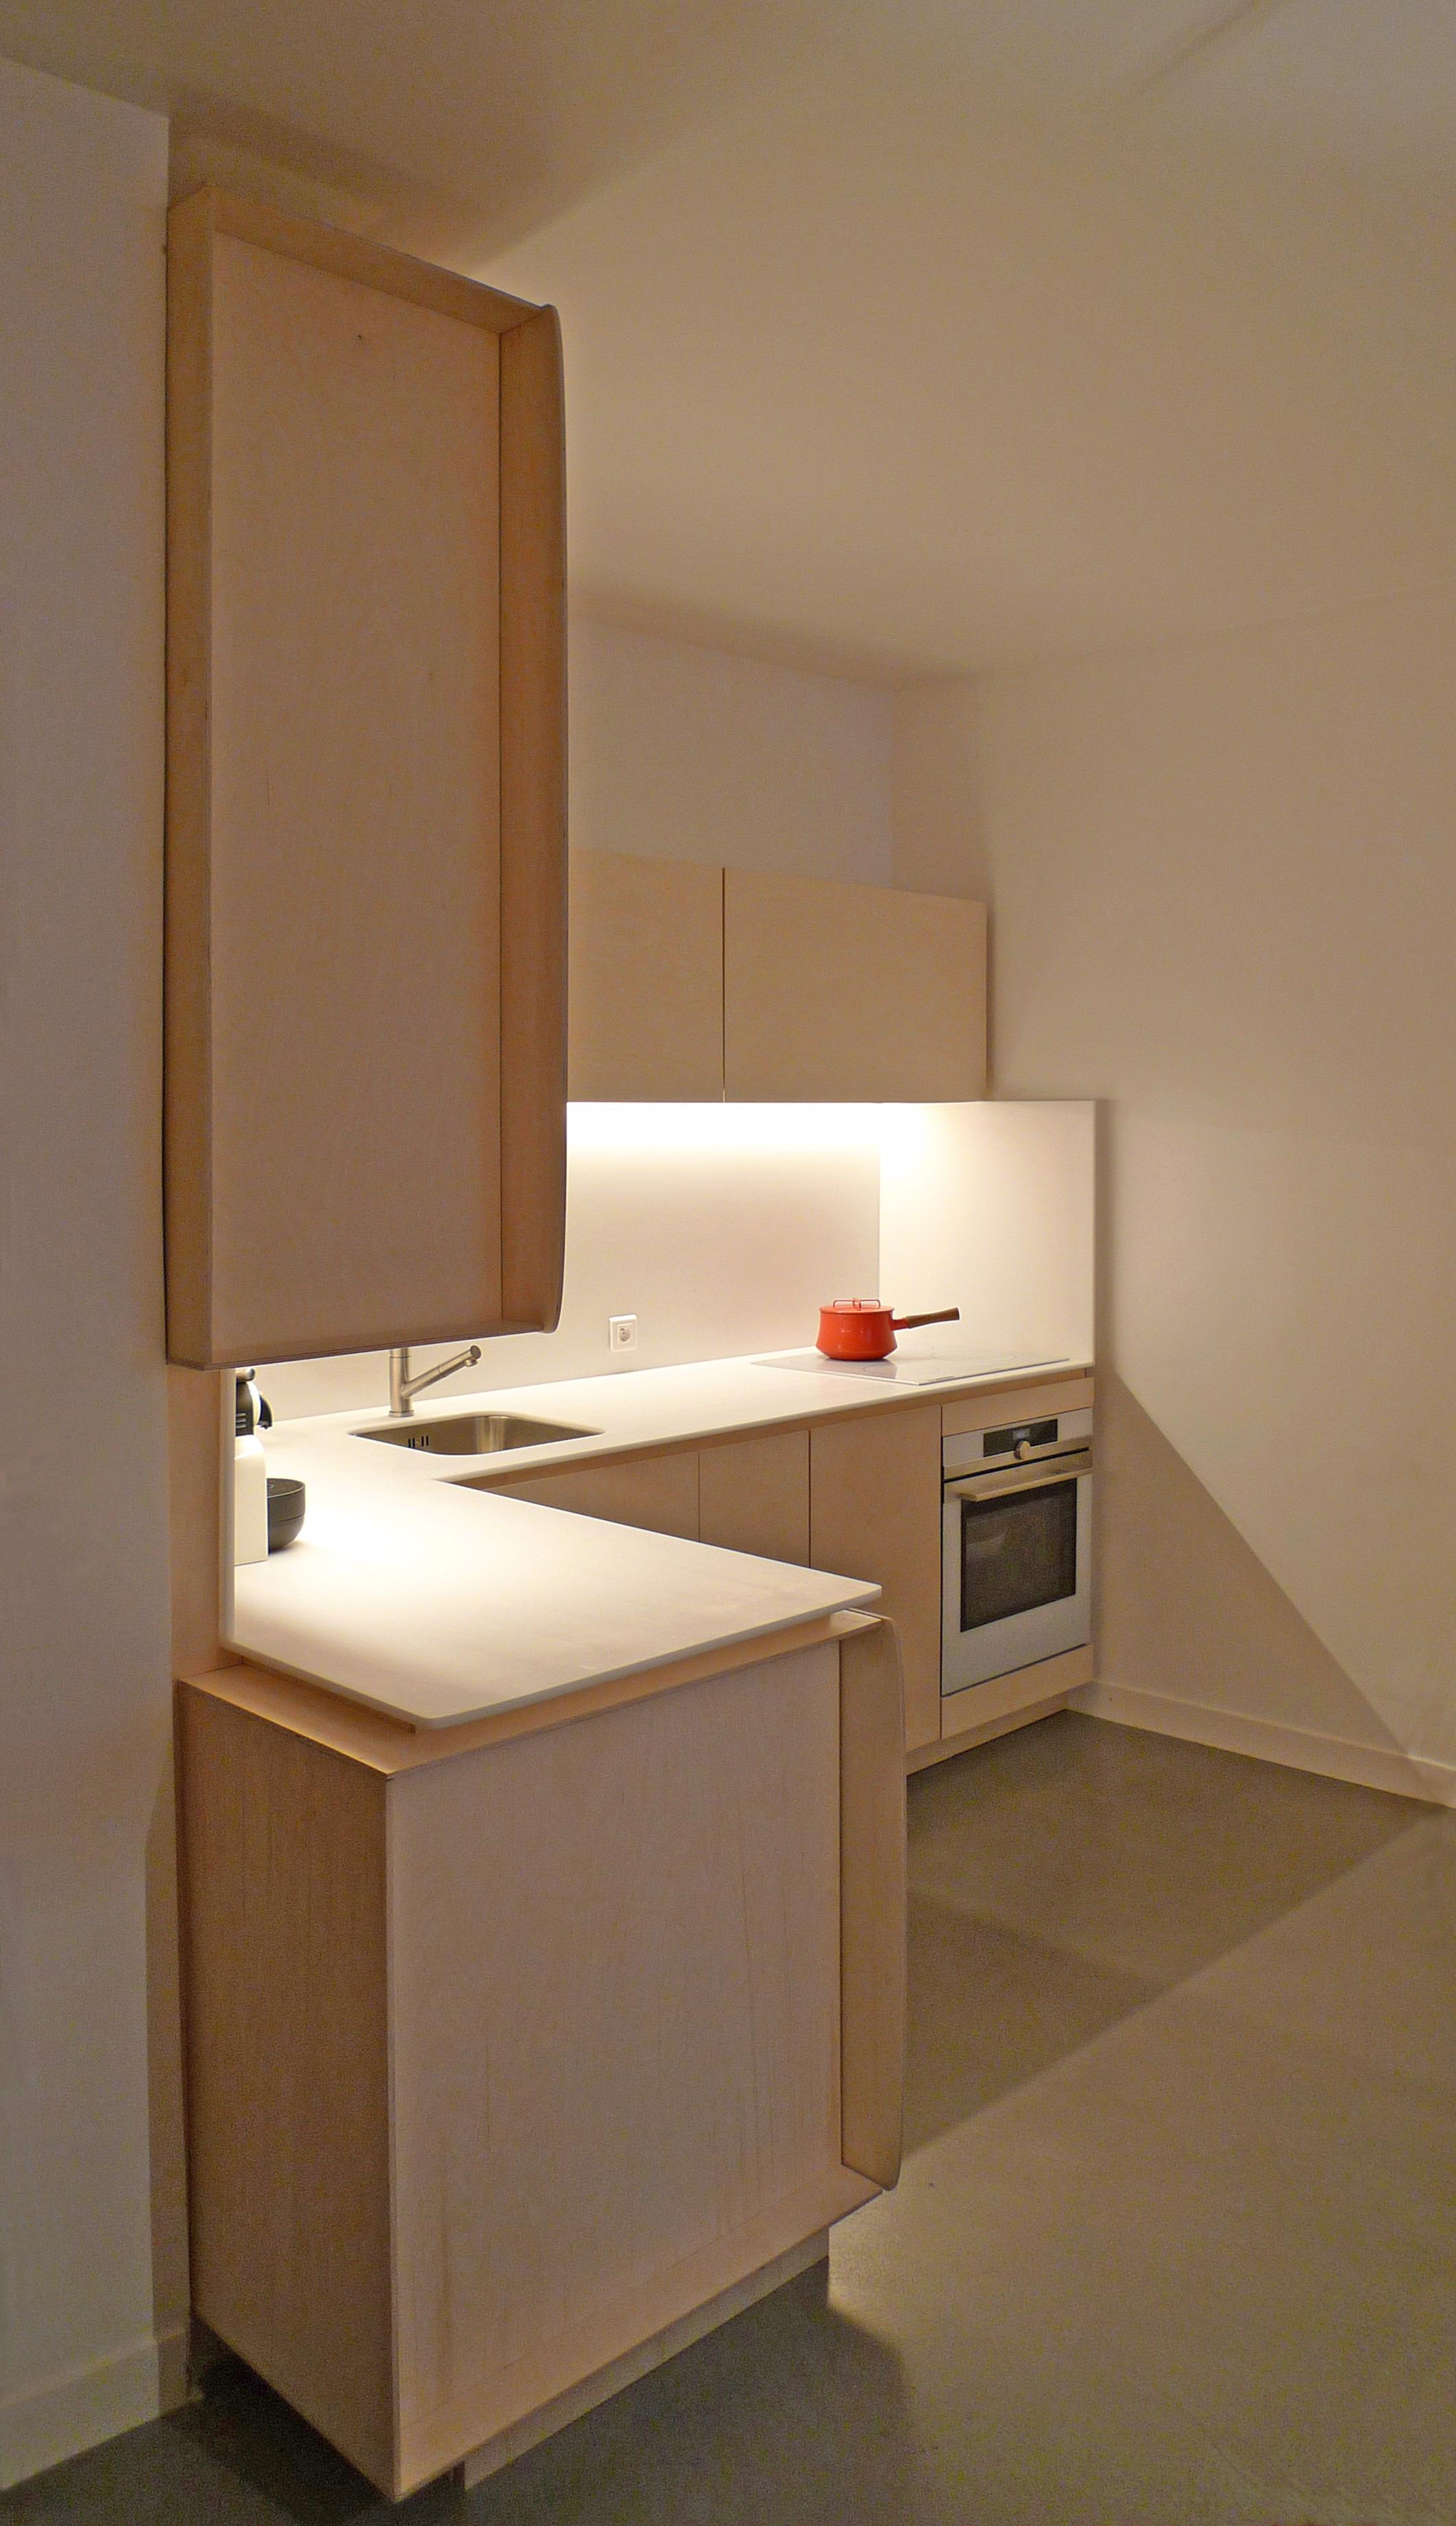 kitchen_A+A Cooren2.jpg